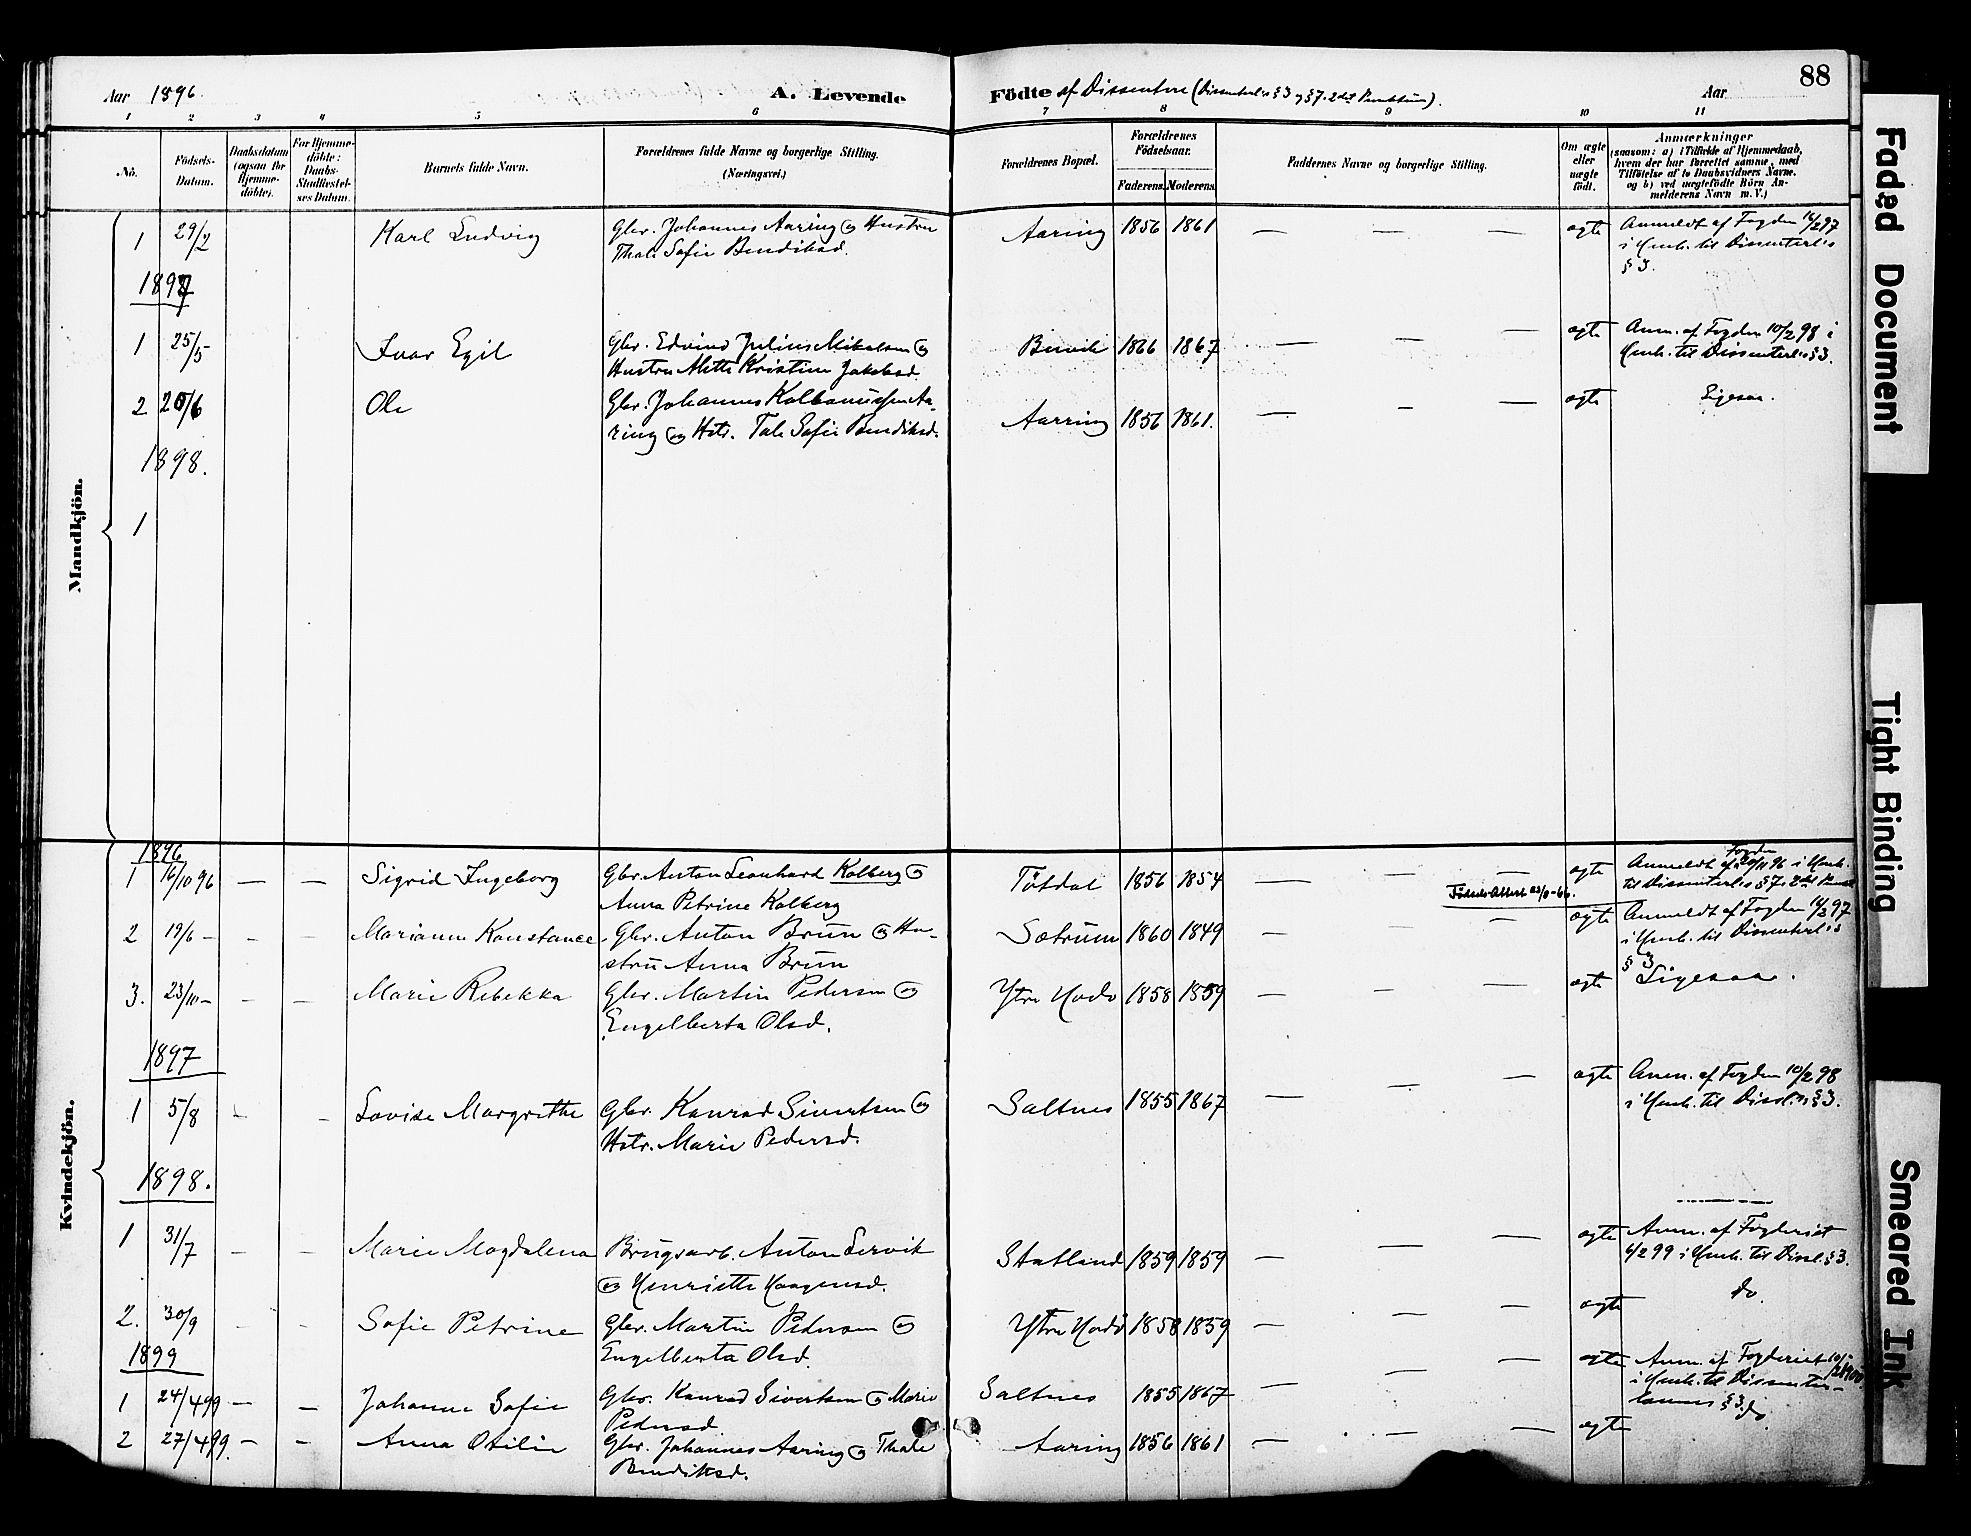 SAT, Ministerialprotokoller, klokkerbøker og fødselsregistre - Nord-Trøndelag, 774/L0628: Ministerialbok nr. 774A02, 1887-1903, s. 88